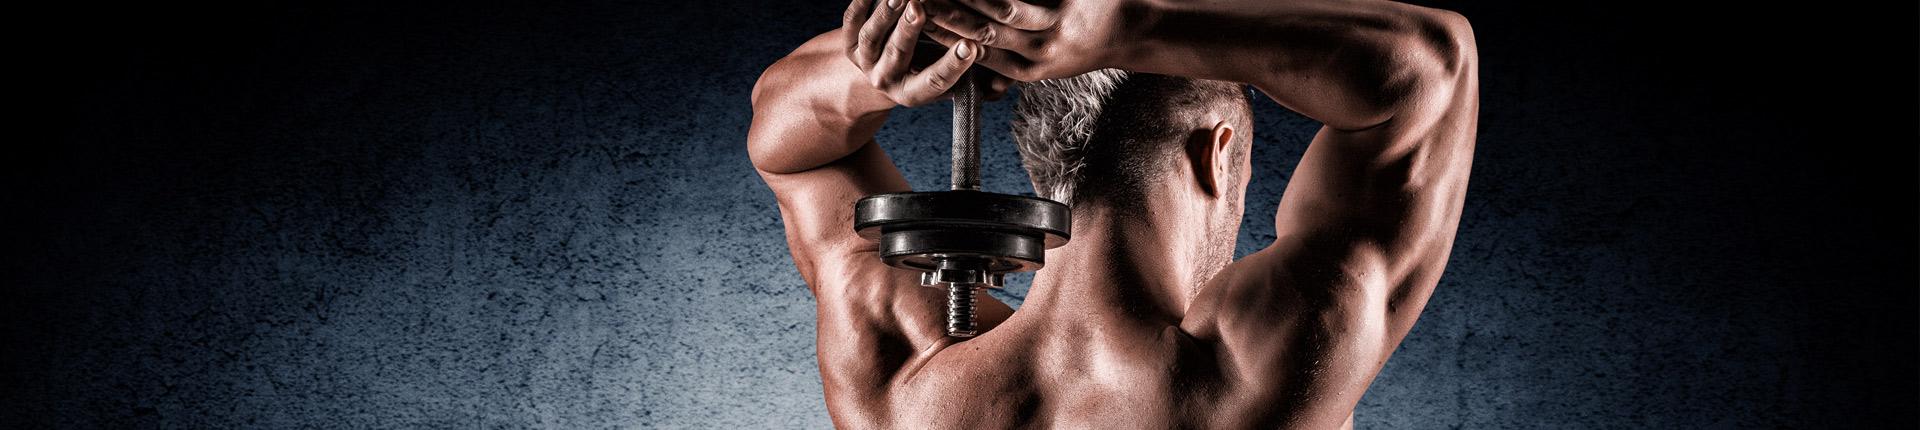 Czy siłownia powoduje, że jesteś mniej elastyczny?